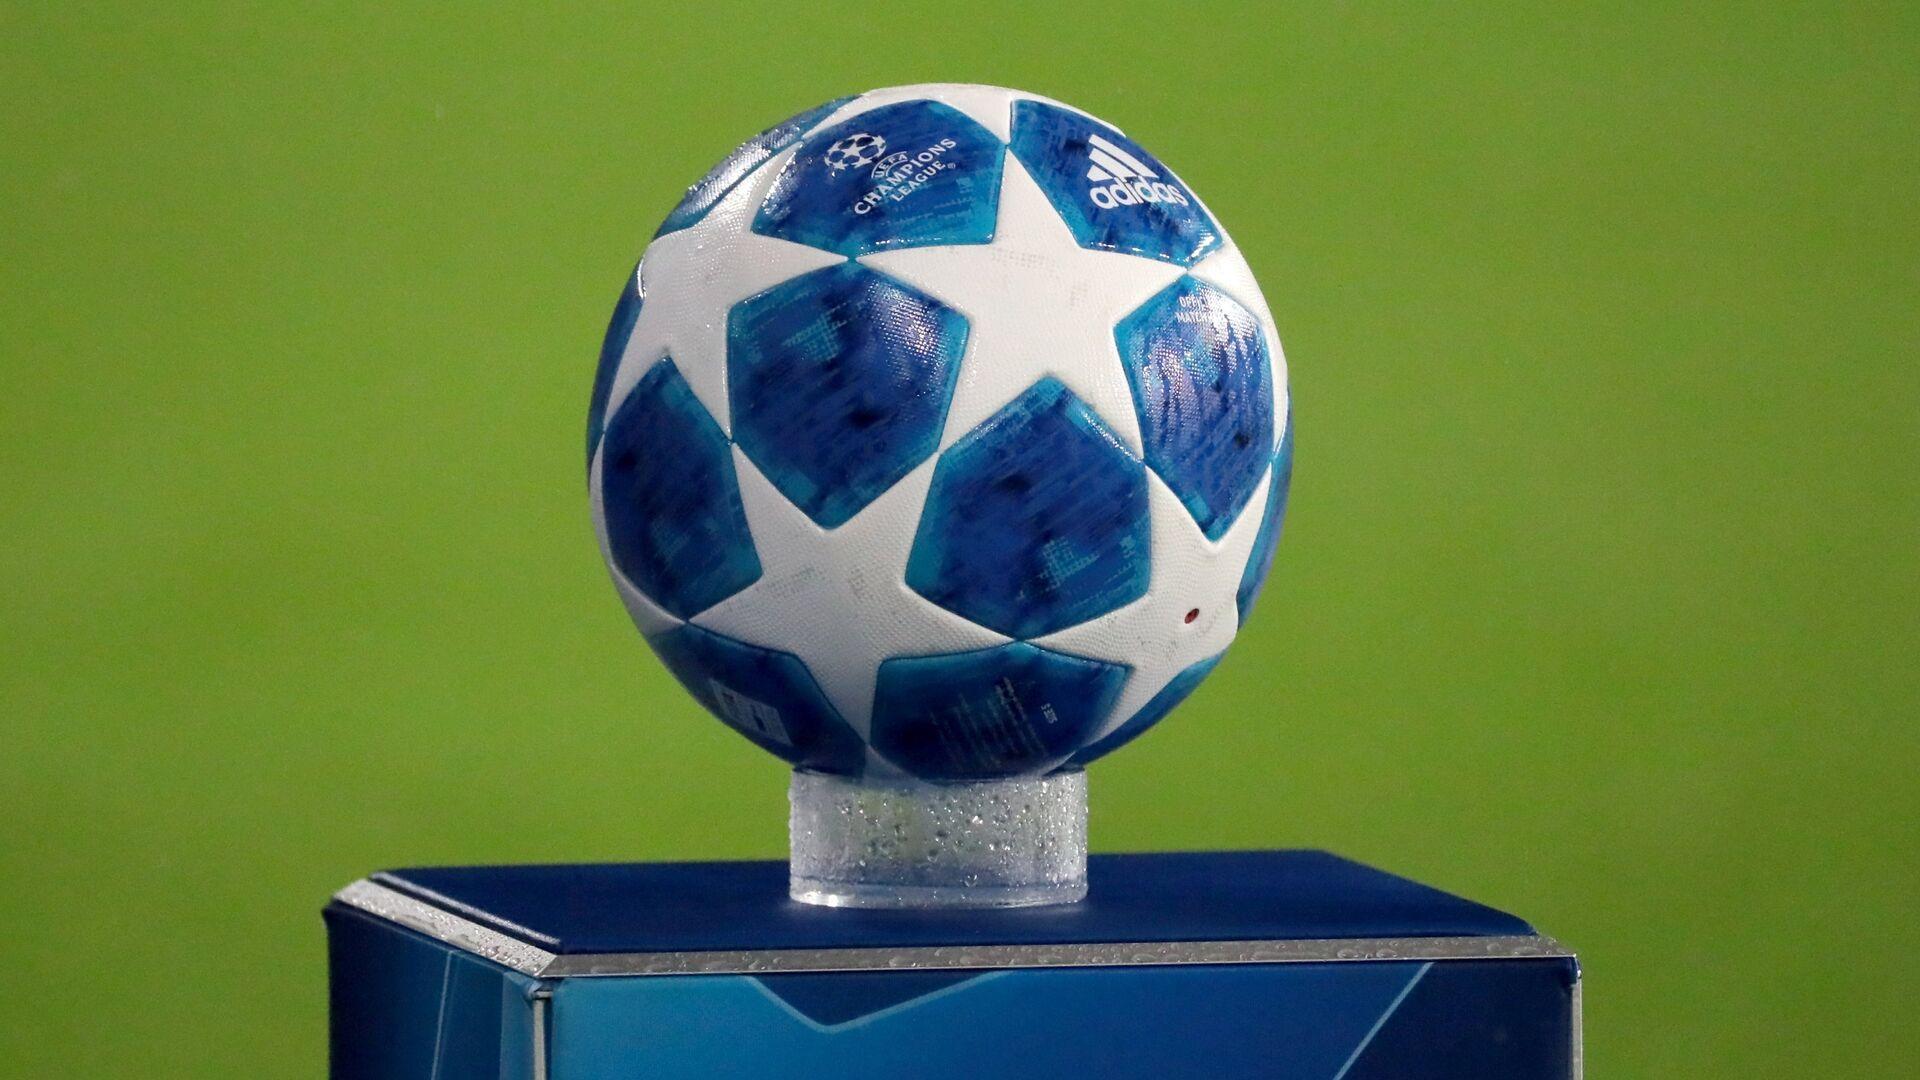 Официальный мяч Лиги чемпионов - РИА Новости, 1920, 31.03.2021